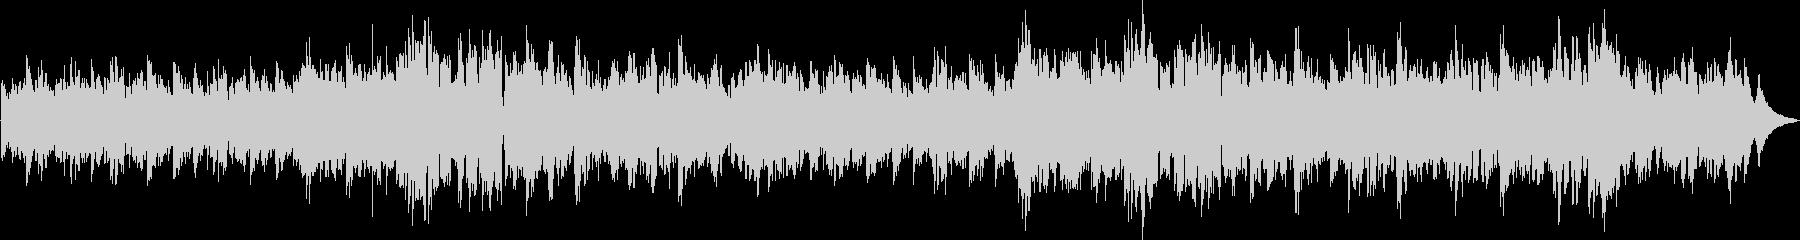 ピアノ生演奏/爽やか・夏・海風・ボサノバの未再生の波形